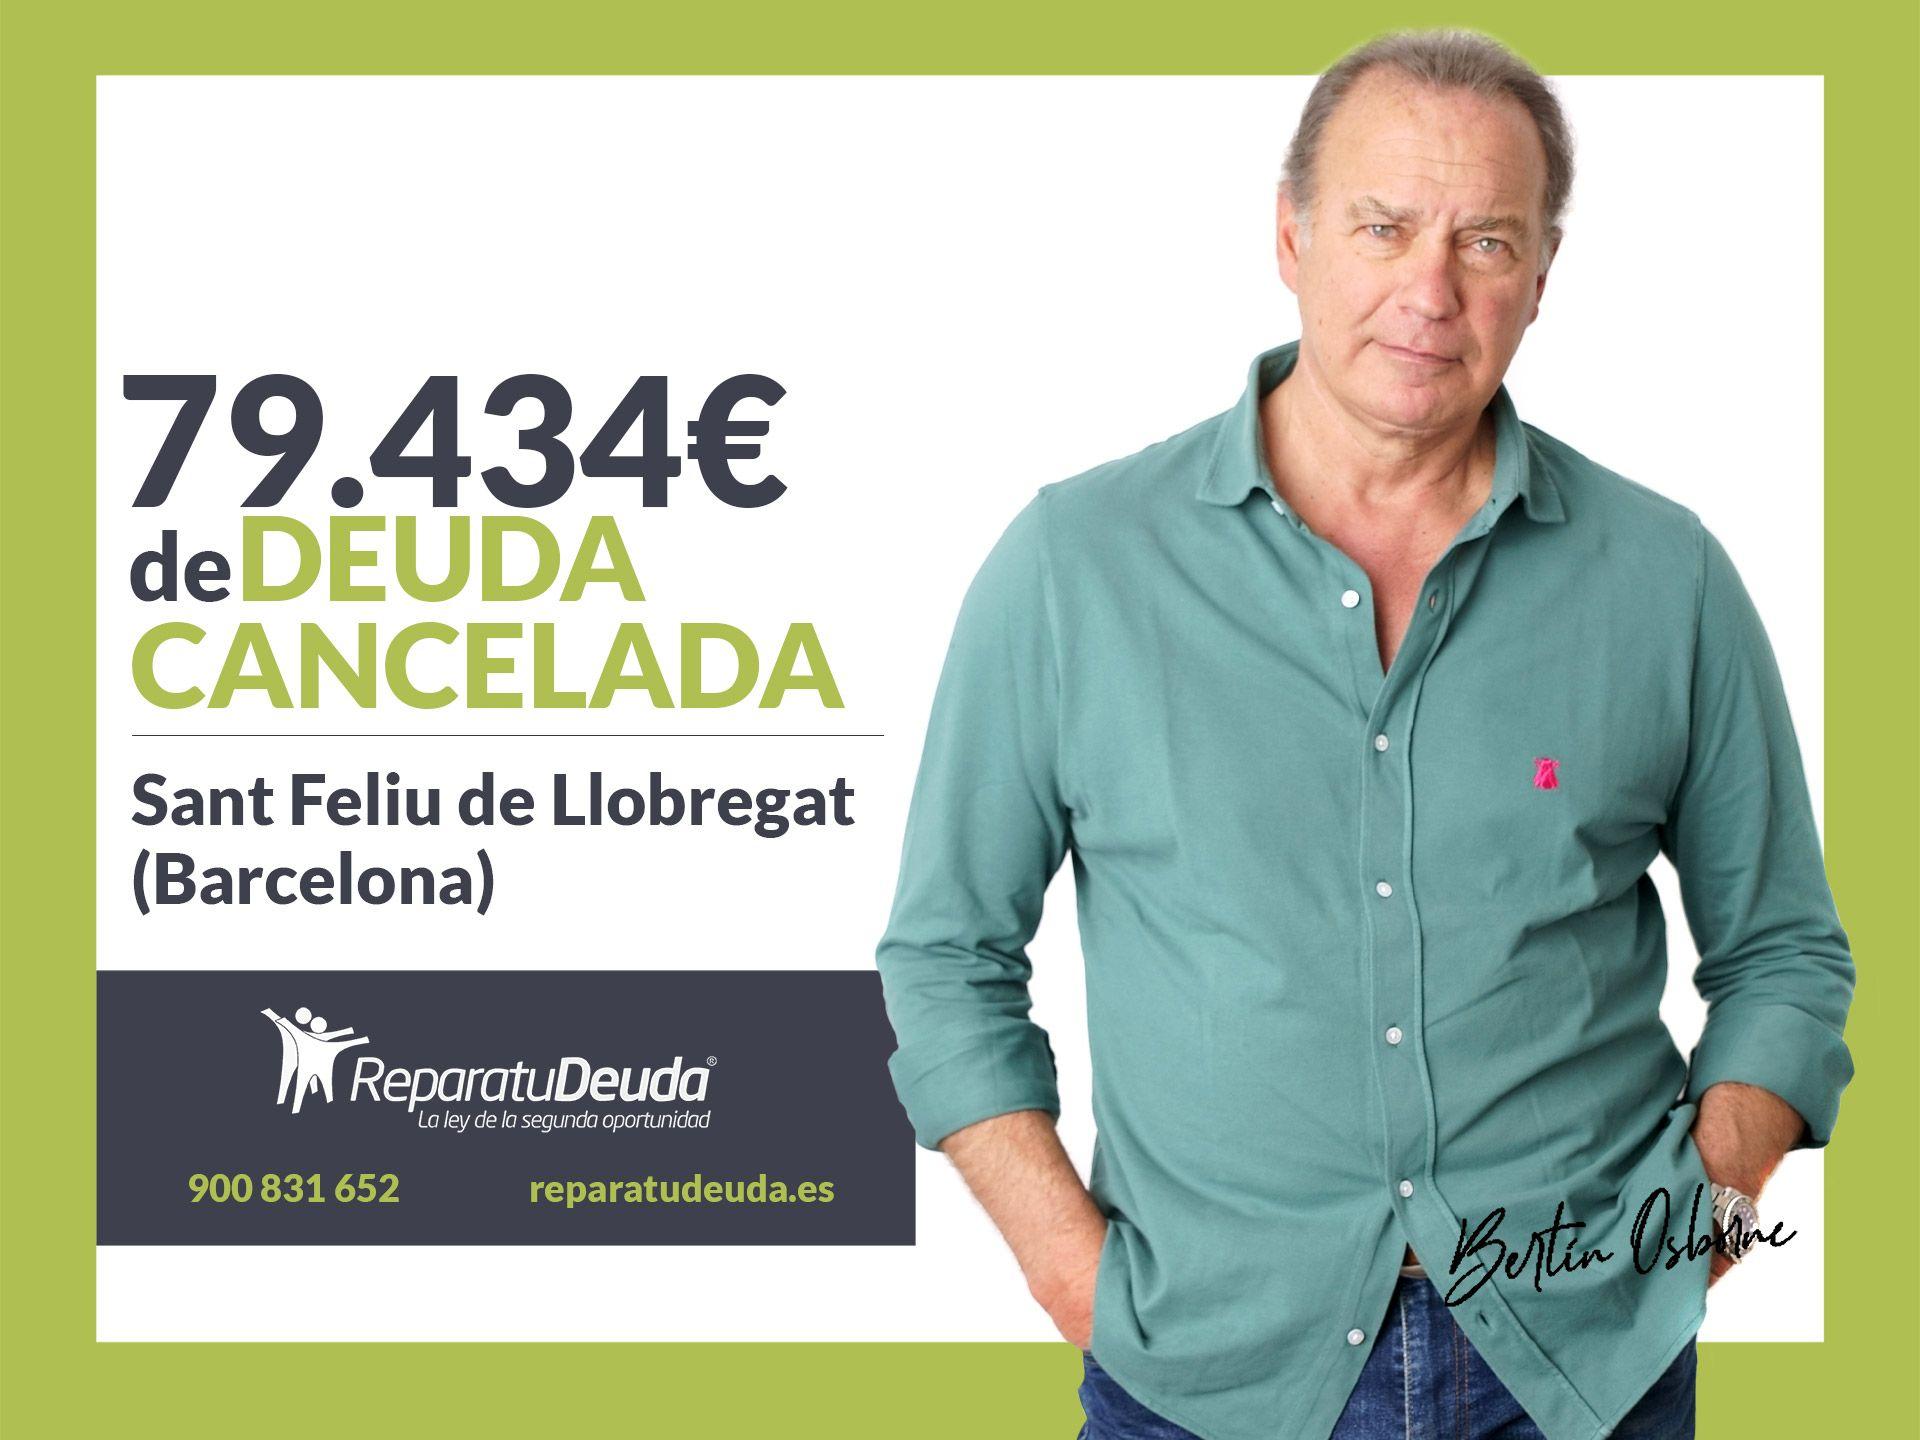 Repara tu Deuda cancela 79.434 € en Sant Feliu de Llobregat (Barcelona) con la Ley de Segunda Oportunidad